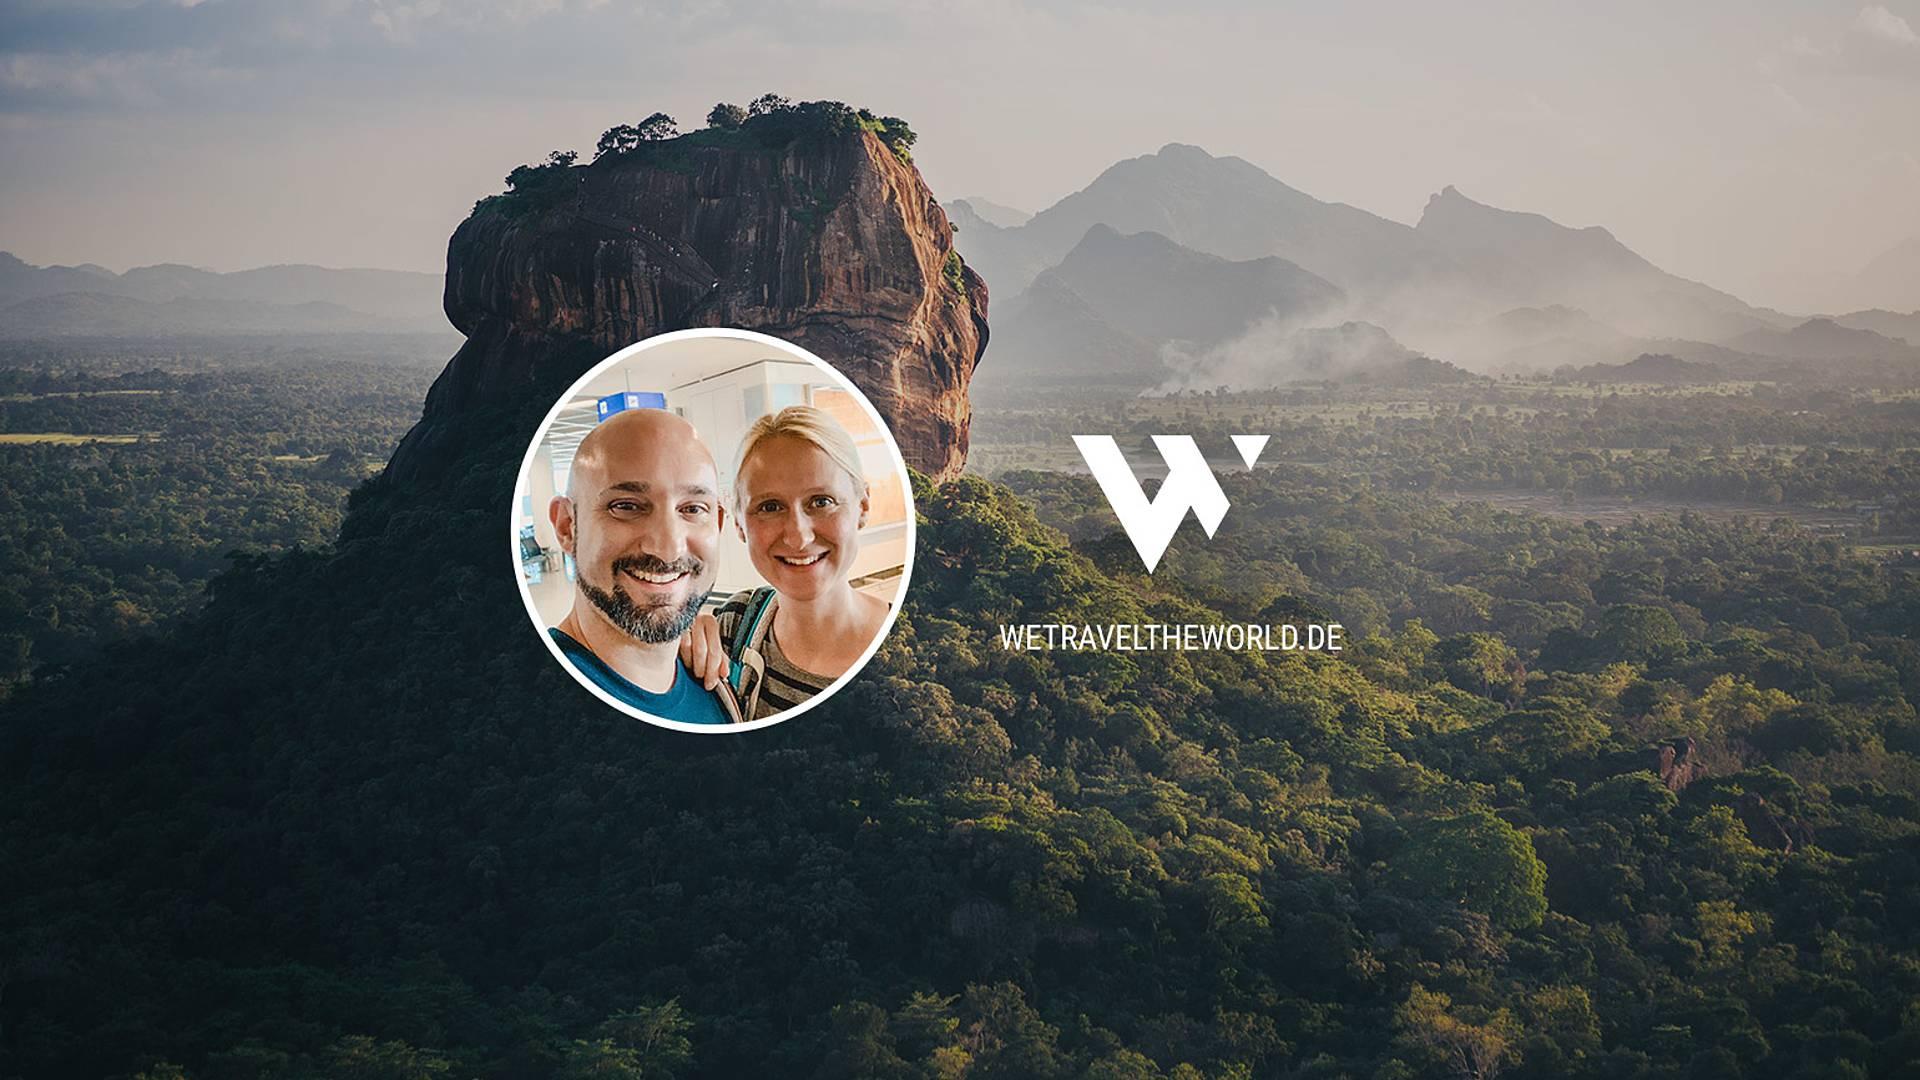 Exklusive Abenteuer-Leserreise mit WE TRAVEL THE WORLD